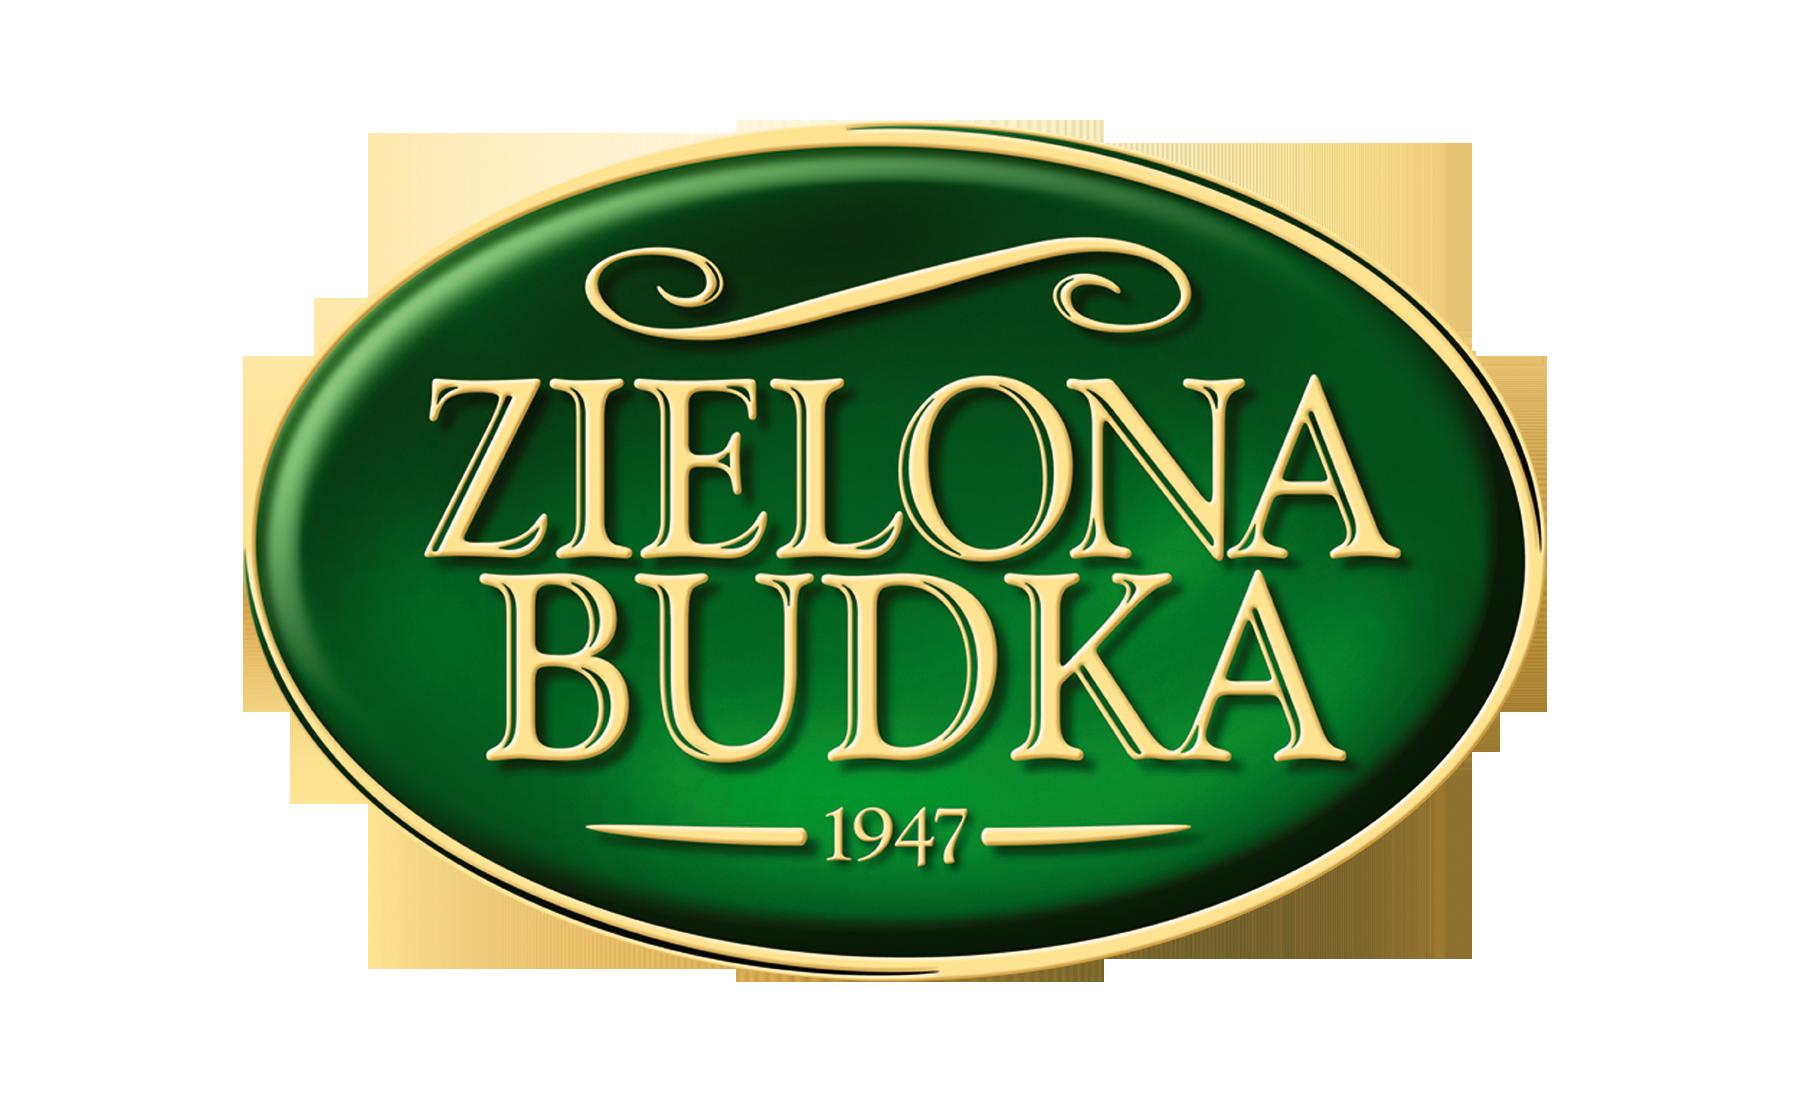 Zielona Budka 2017